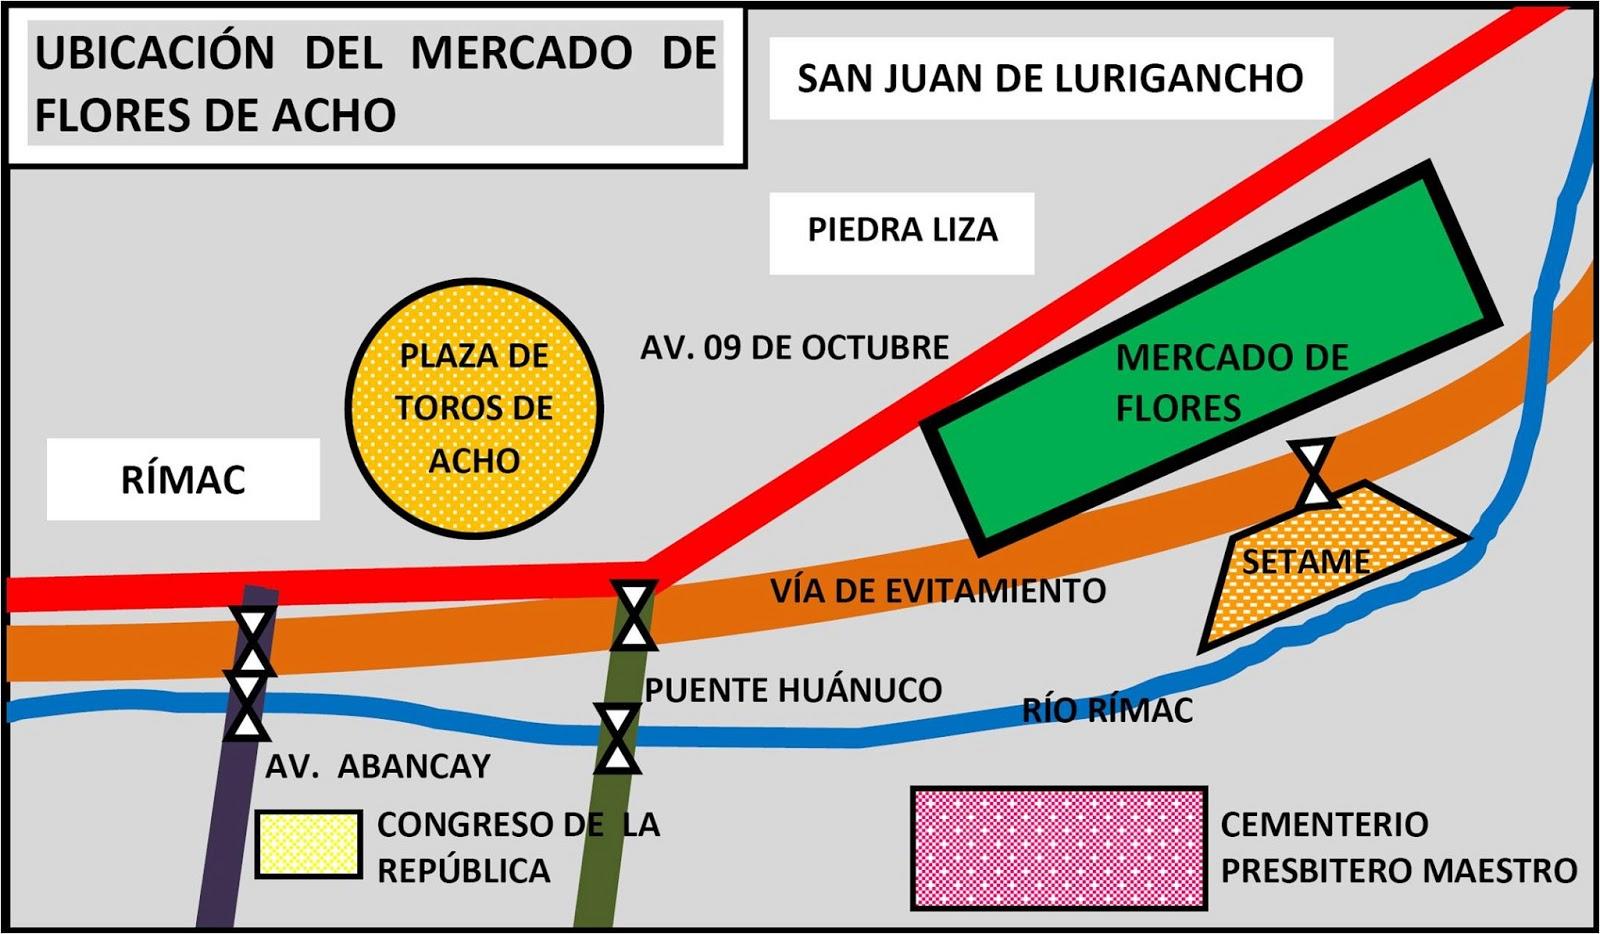 4a050c6064f4 ... la cual viene de viveros ubicados en San Juan de Miraflores